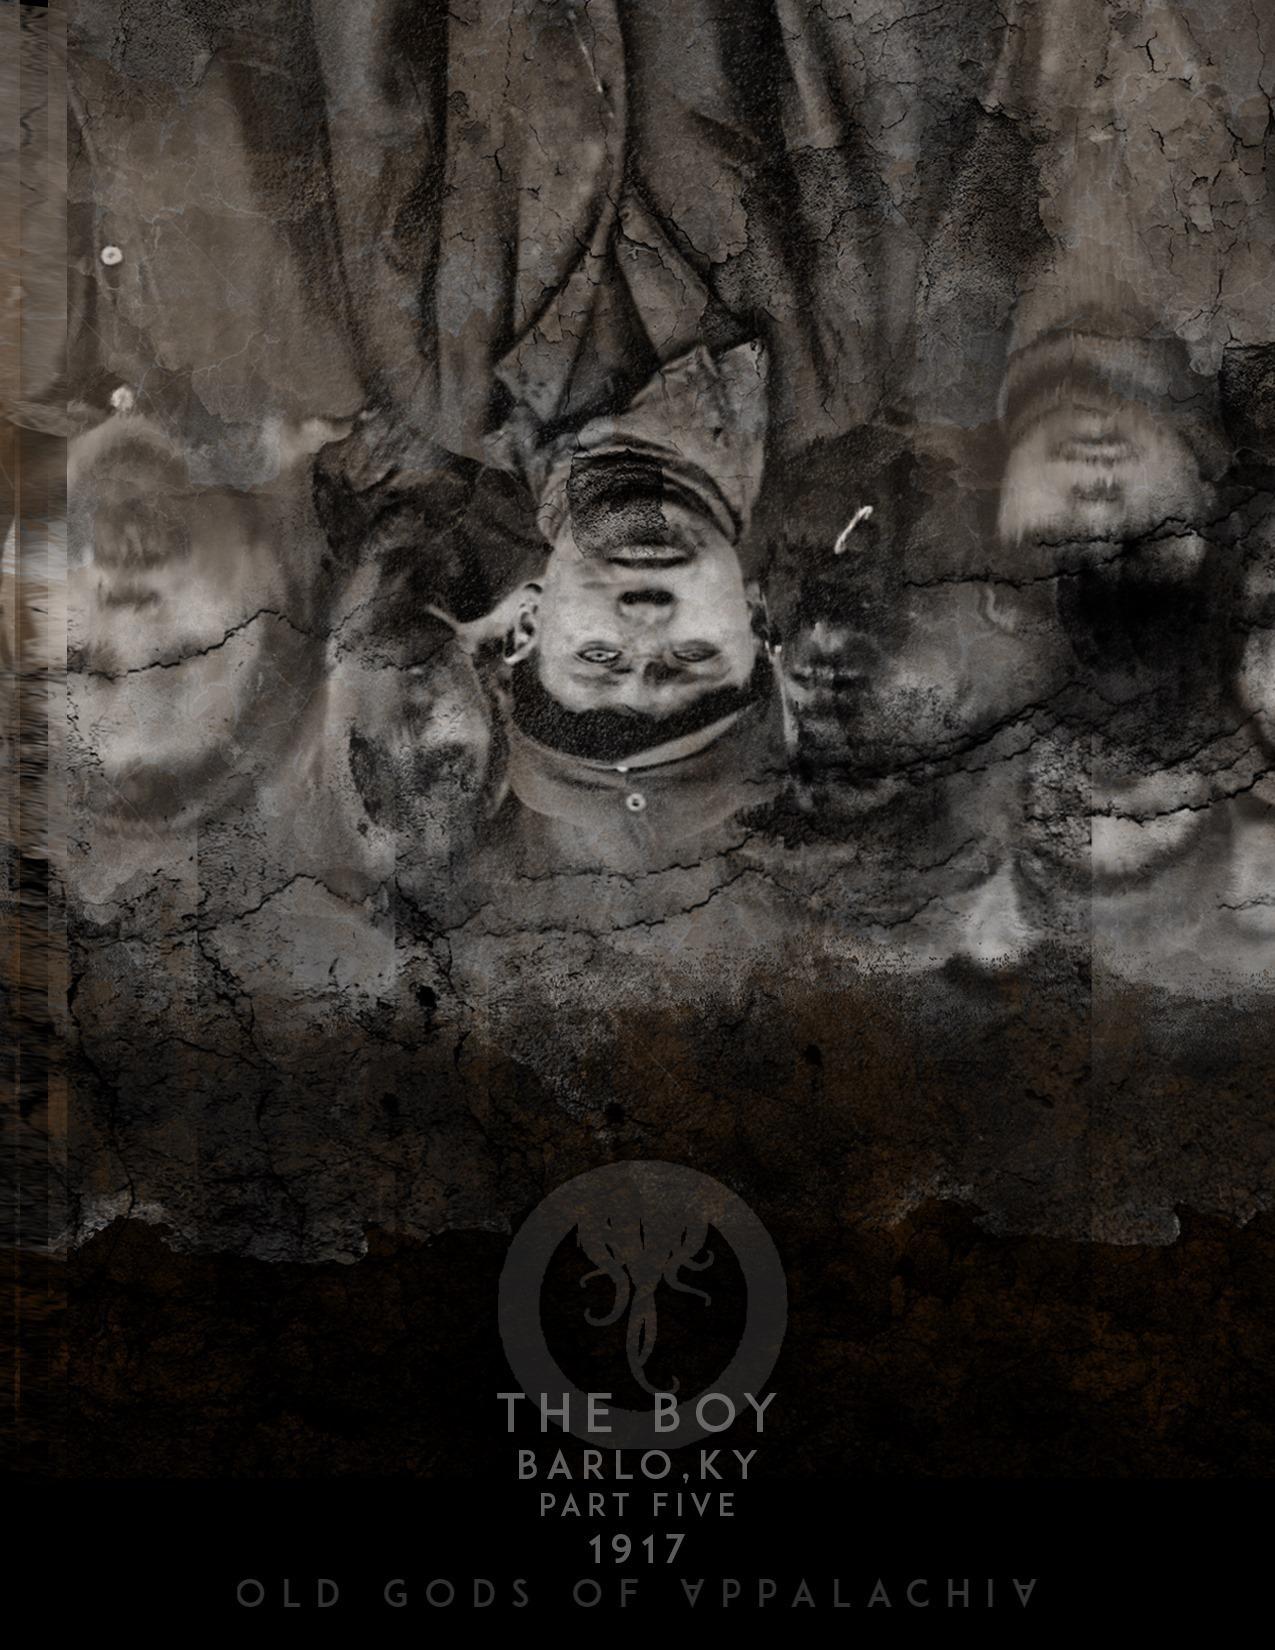 Episode 5: The Boy: Barlo, Kentucky 1917: Part Five